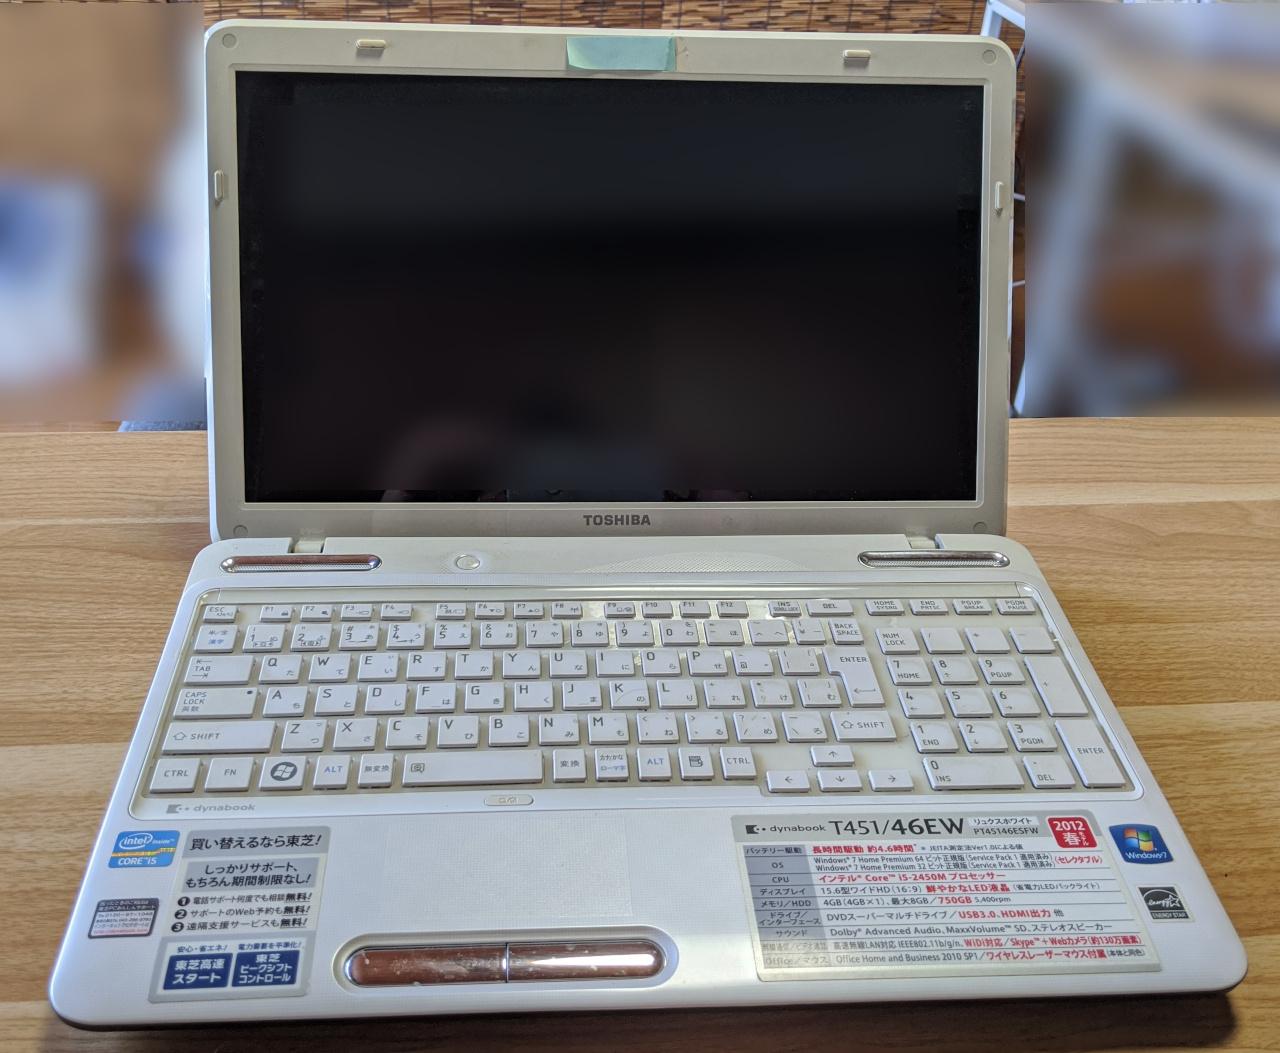 DyanbookT451